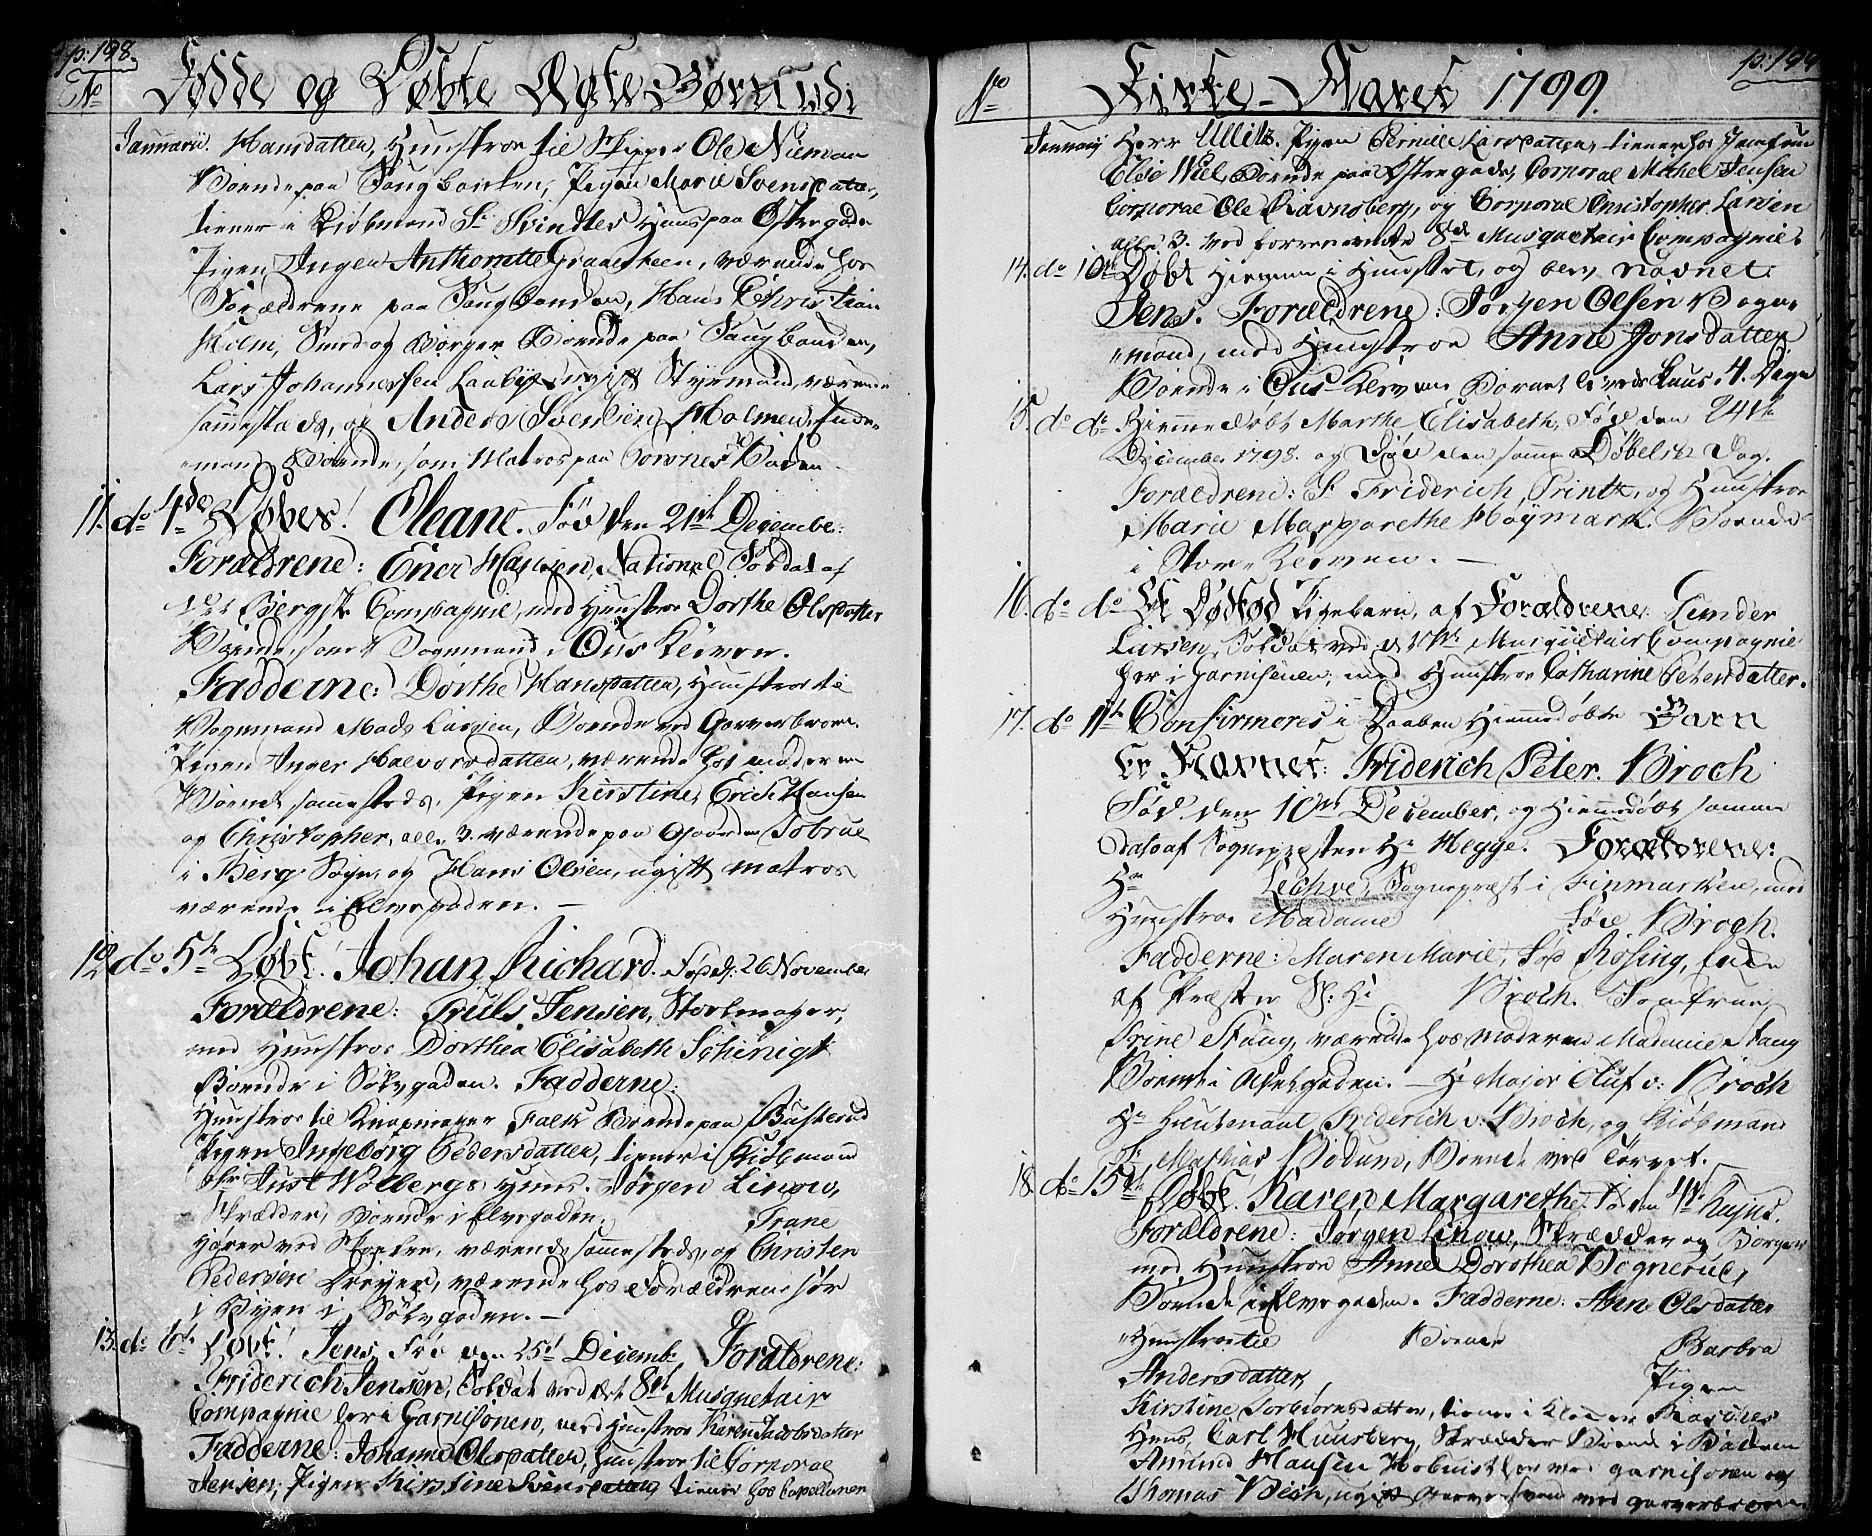 SAO, Halden prestekontor Kirkebøker, F/Fa/L0002: Ministerialbok nr. I 2, 1792-1812, s. 198-199